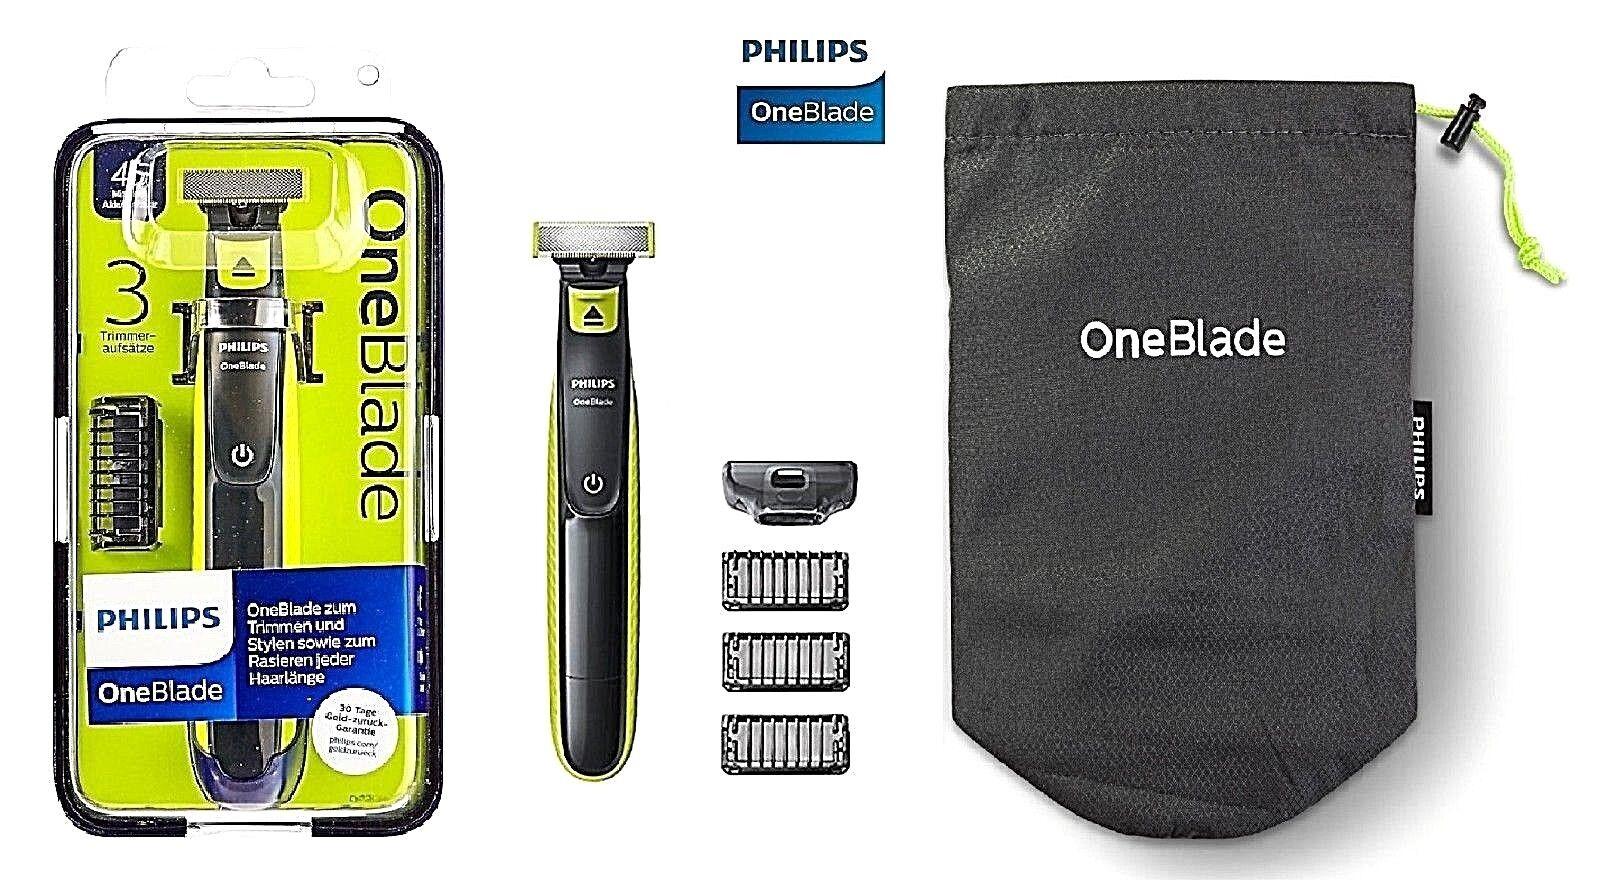 Philips One Blade QP2520/62 Rasierer 3 Aufsätze Neu Ovp Bartschneider abwaschbar